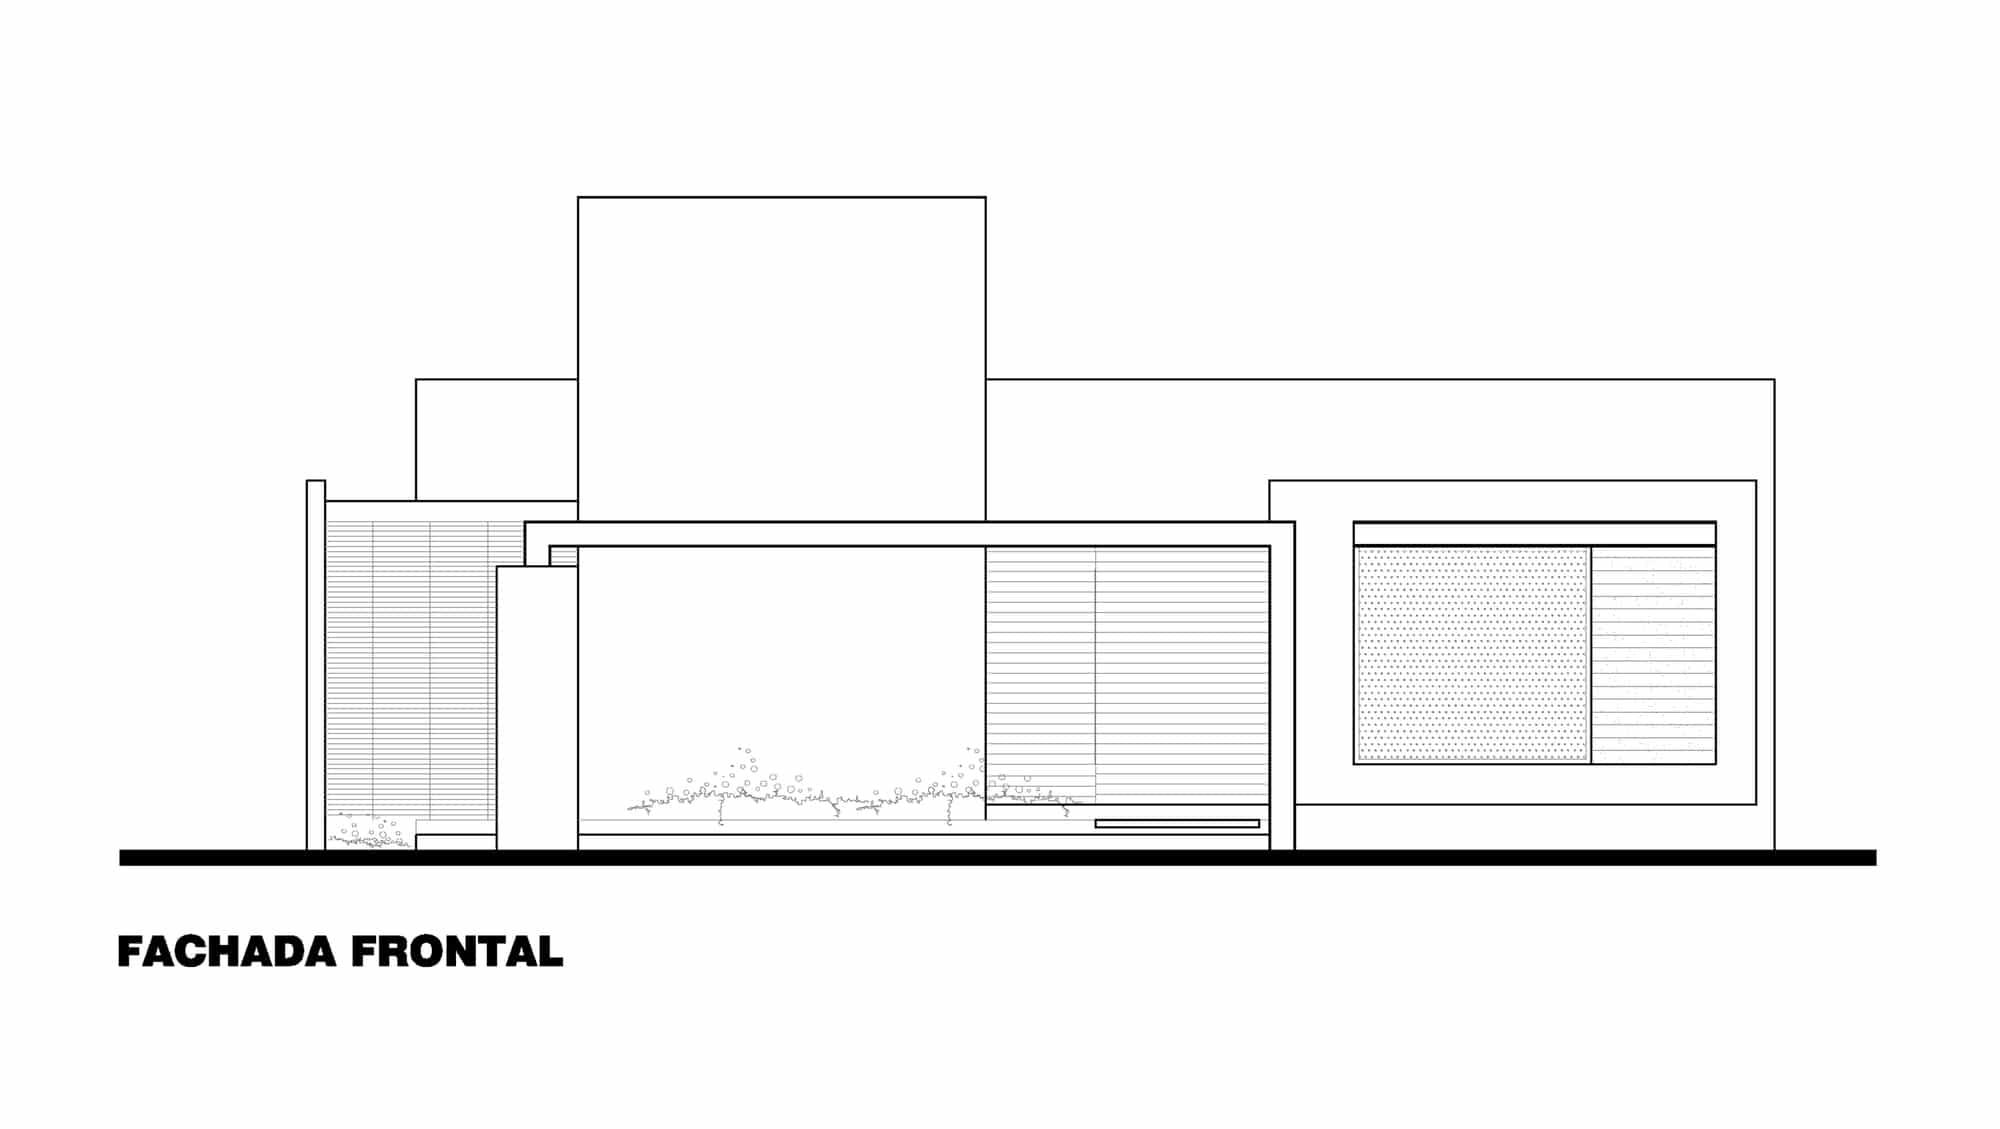 Plano de fachada frontal de casa de un piso construye hogar for Planos y fachadas de casas